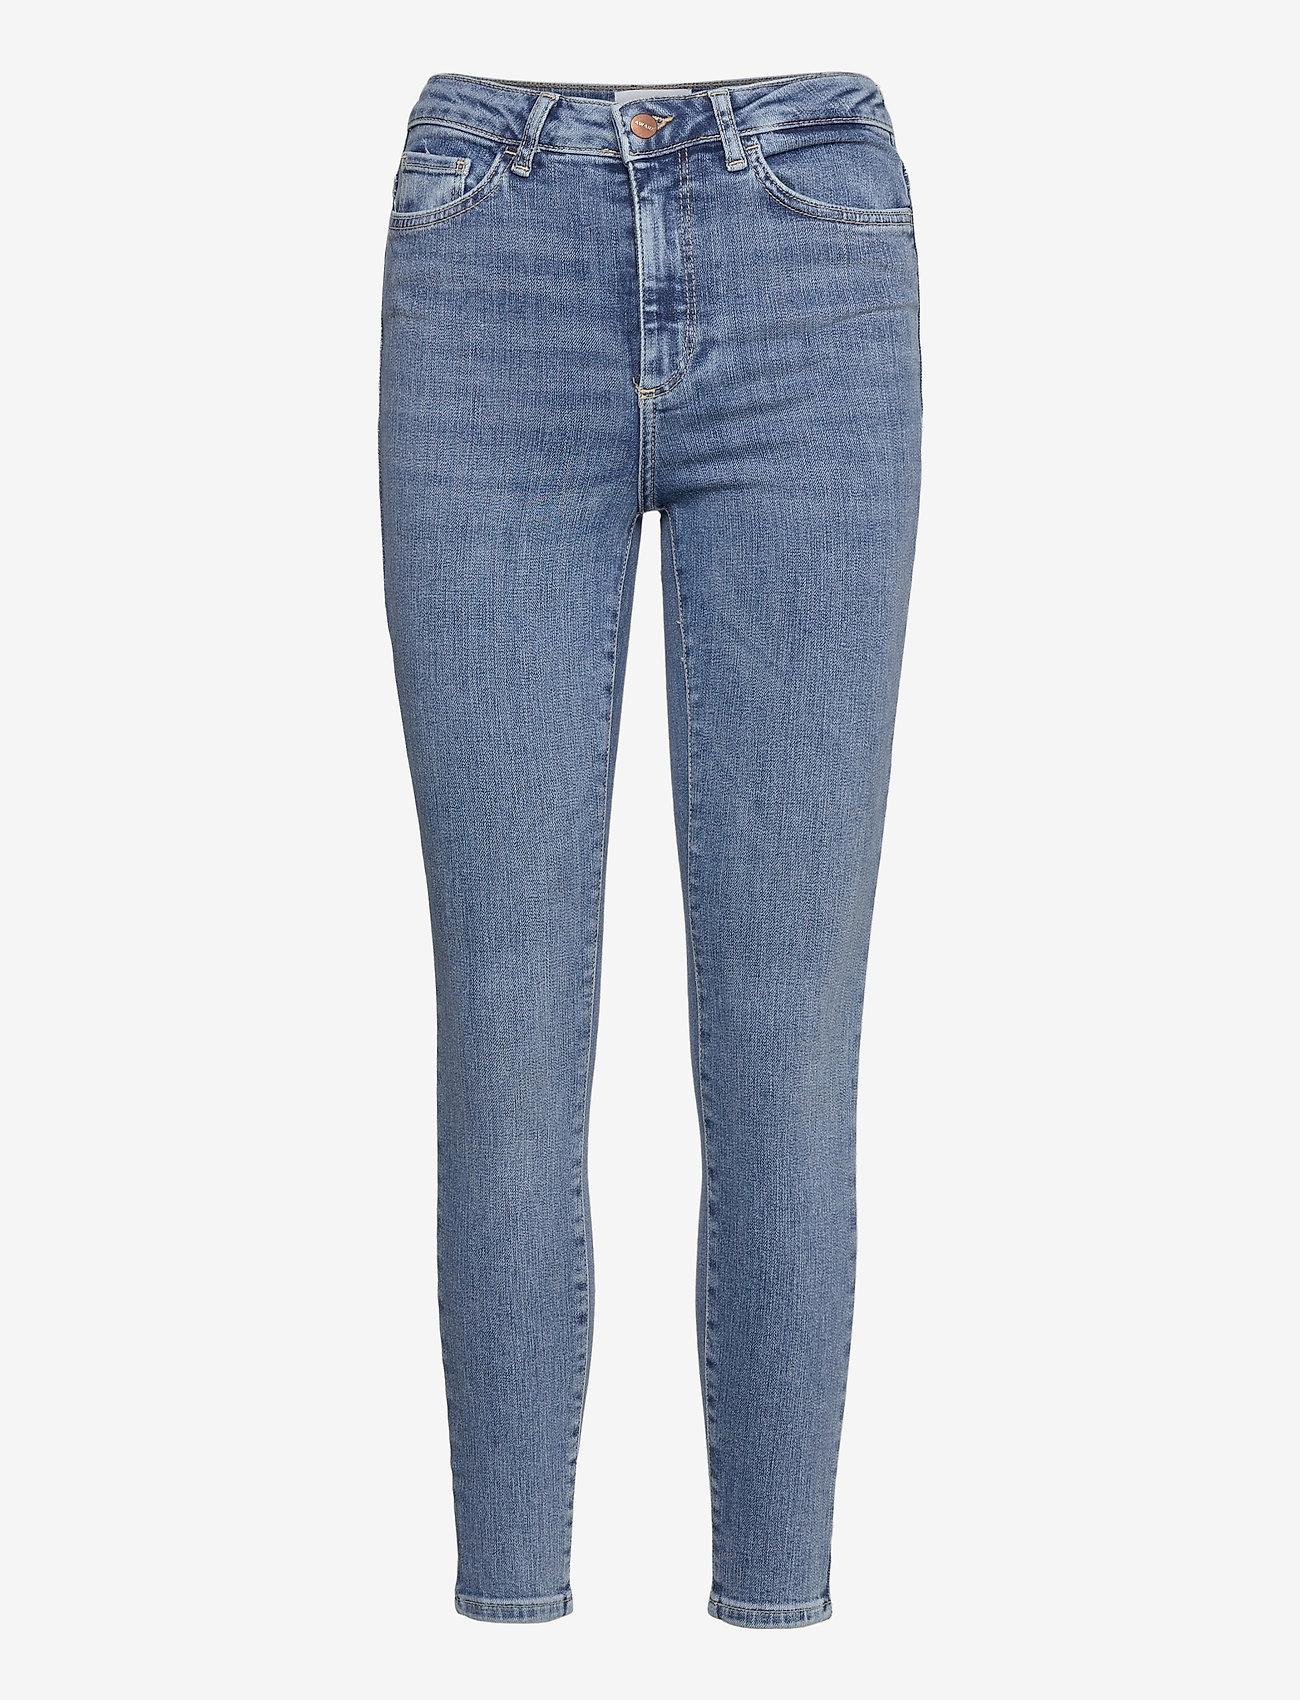 Vero Moda - VMSOPHIA HR SKINNY JEANS BA3142 VMA - skinny jeans - light blue denim - 0